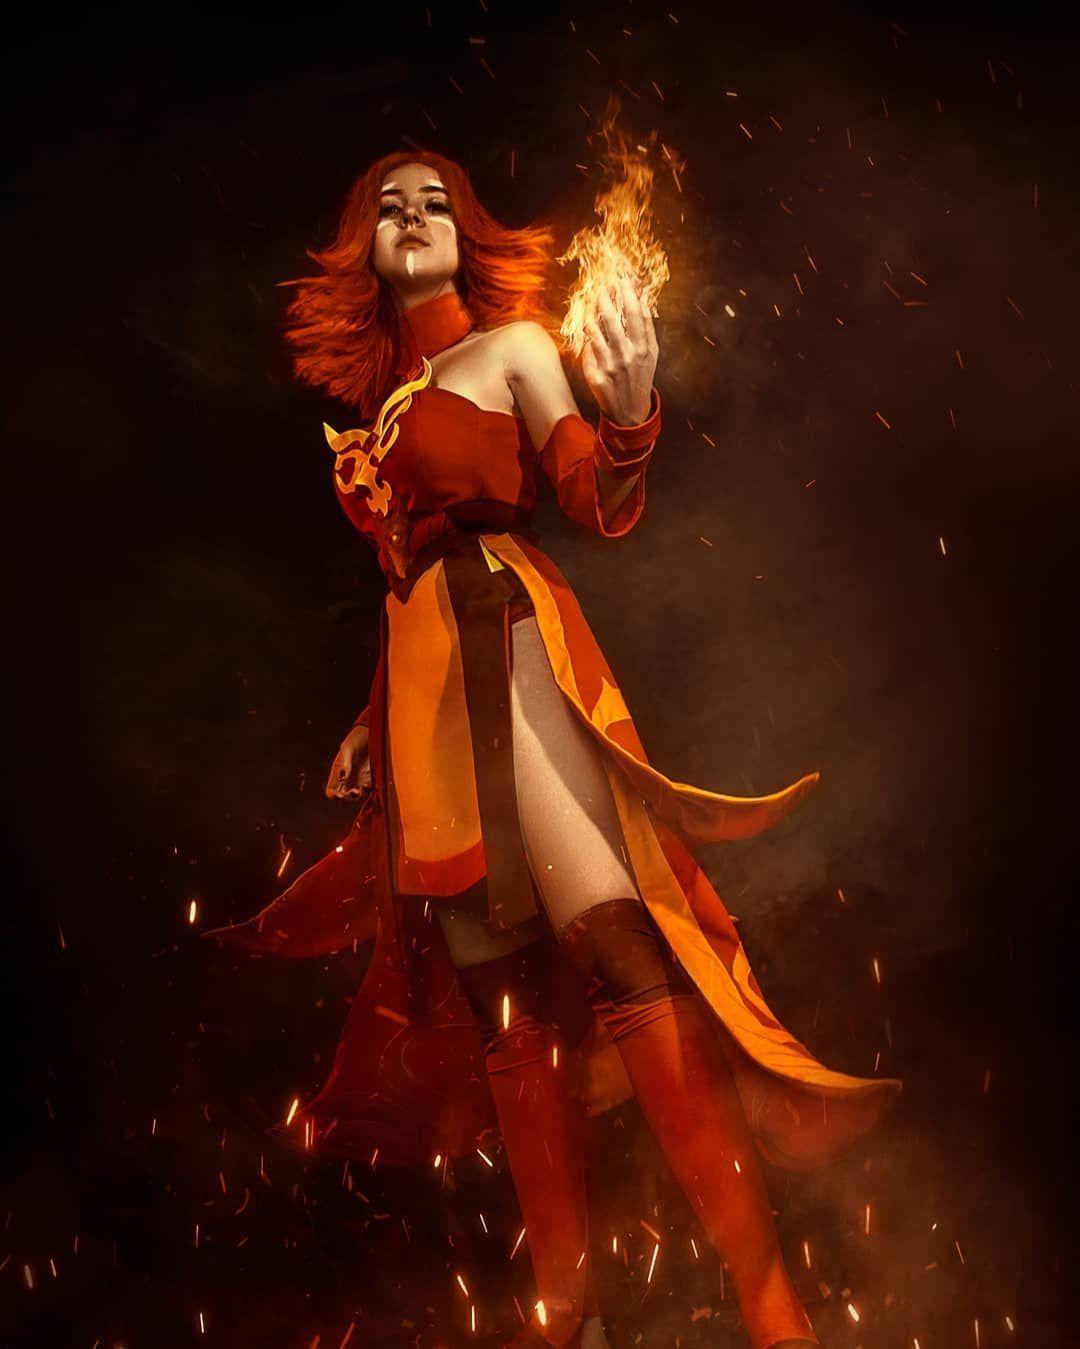 hinh tuong cosplay game con gai dep 8 - Bộ sưu tập hình tượng cosplay game nữ hấp dẫn #1